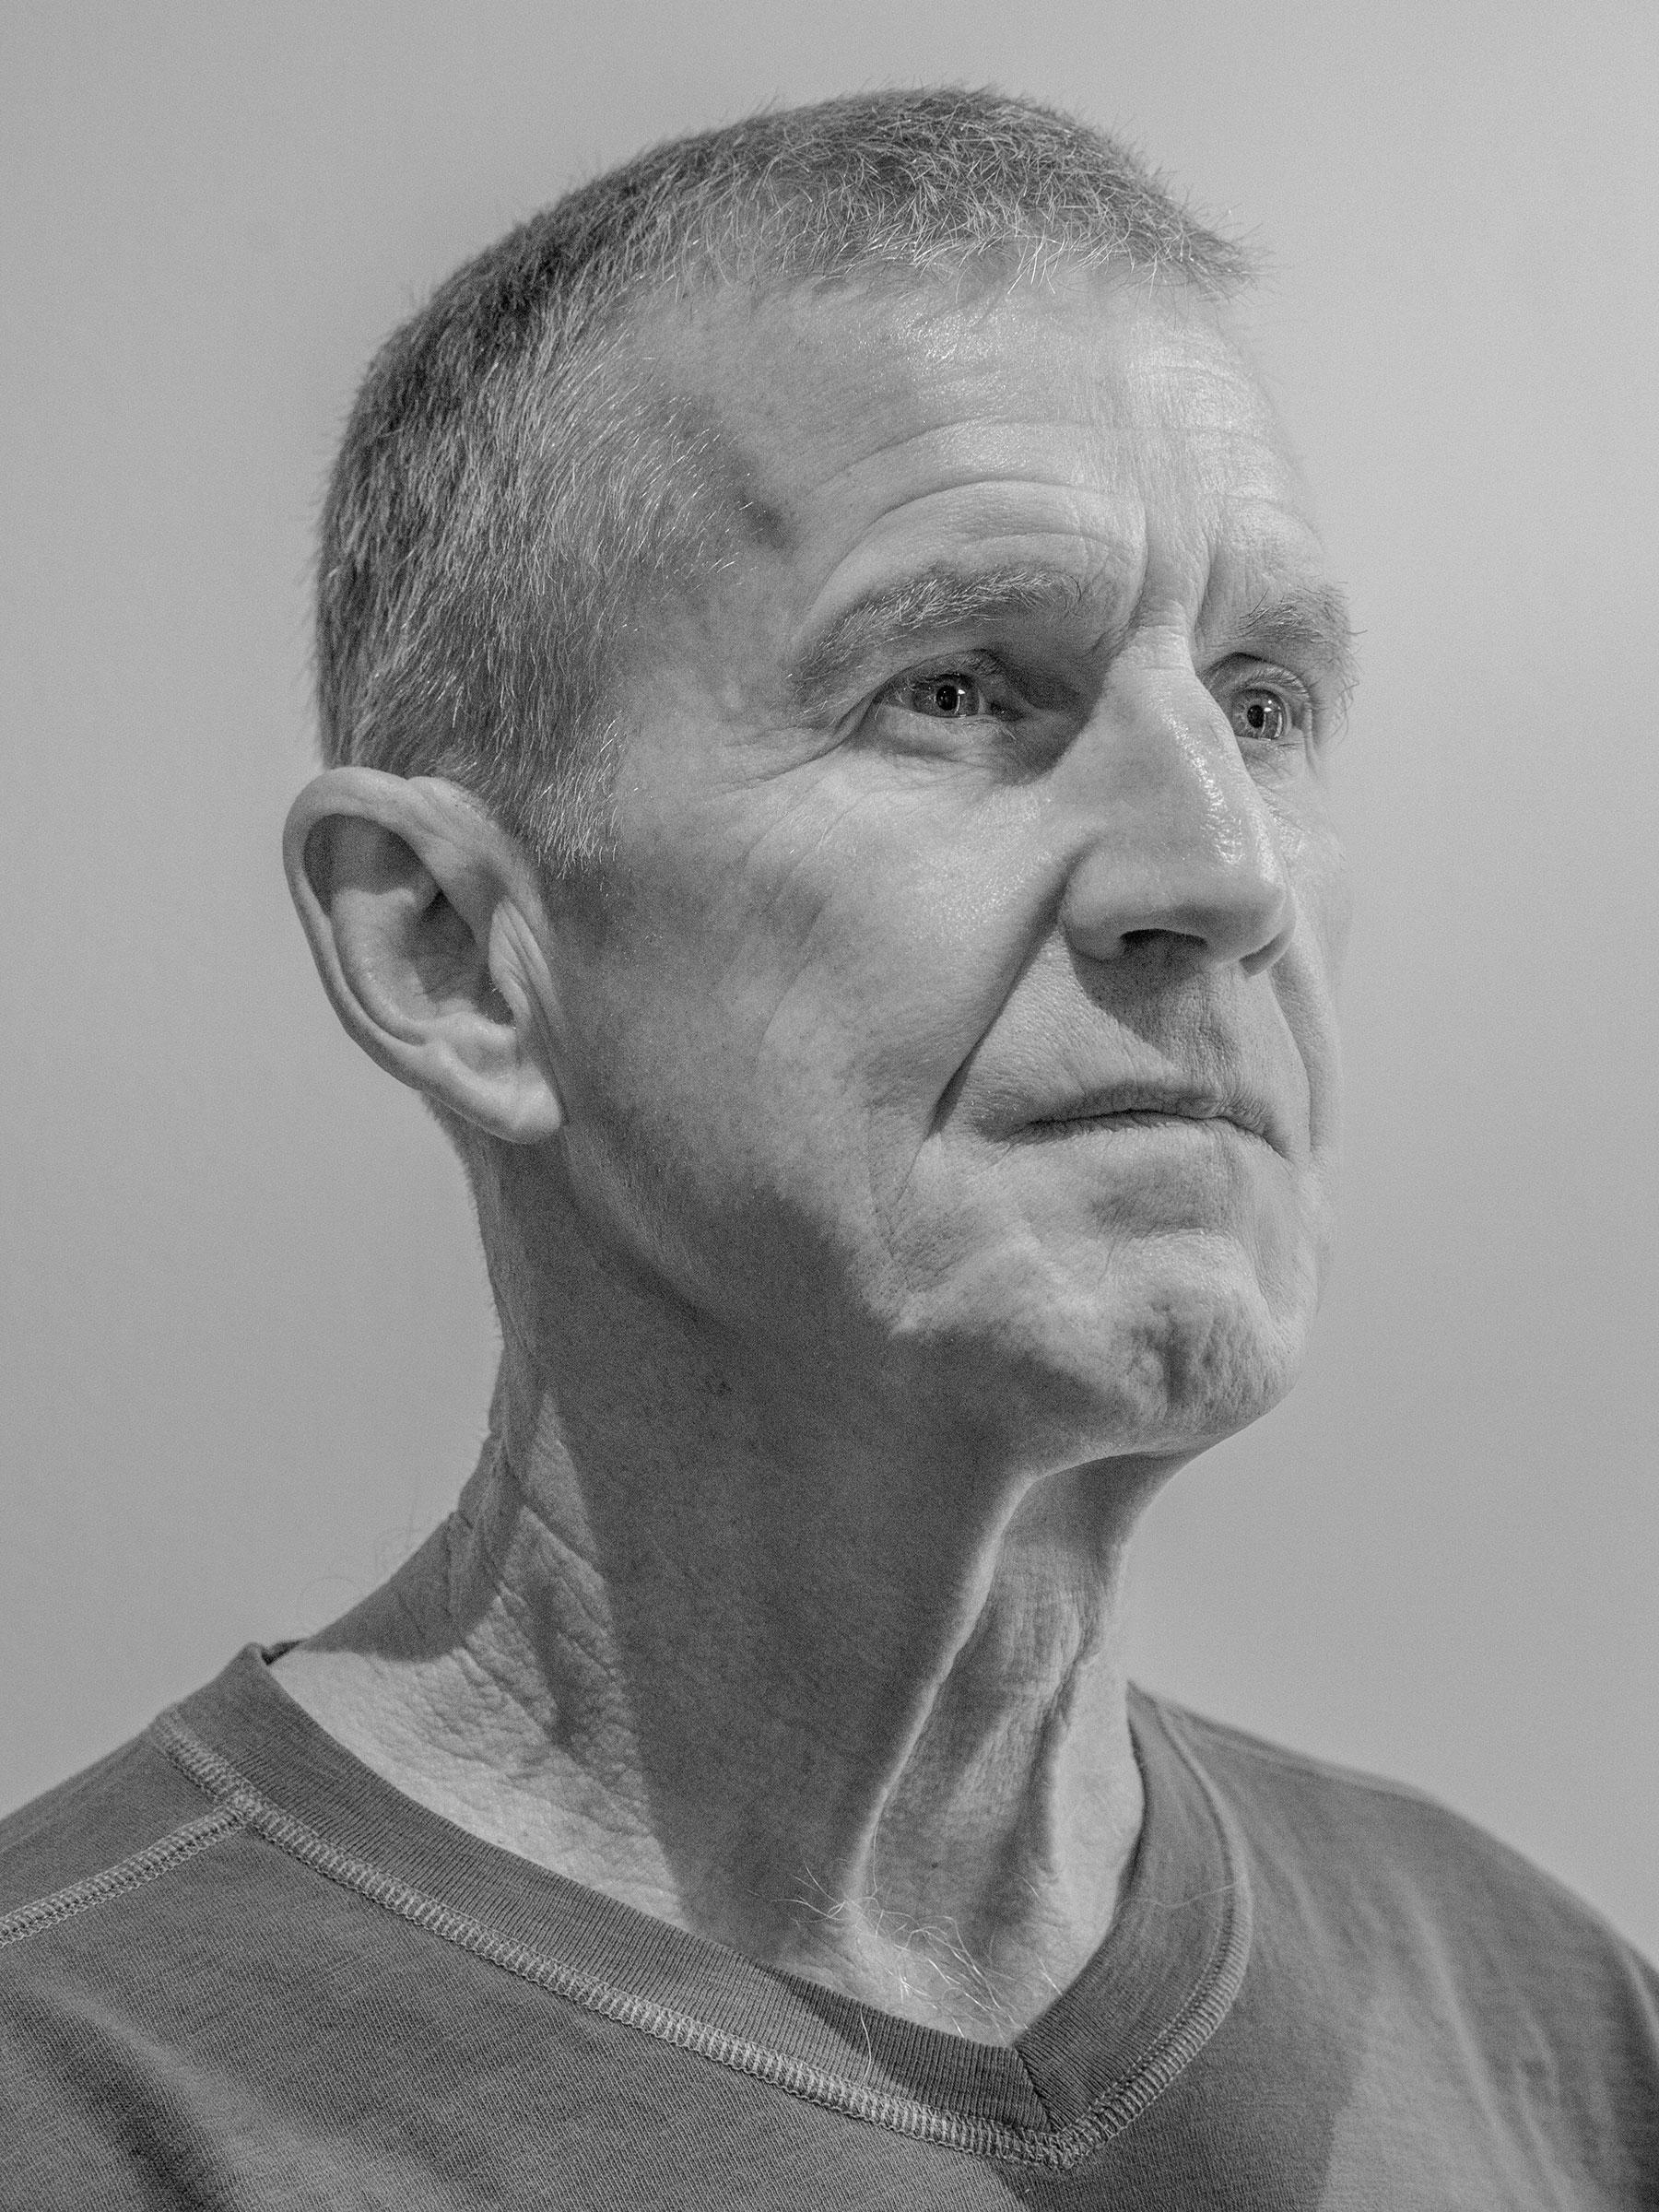 Gen. Stanley McChrystal photographed in Alexandria, Va. on Oct. 9, 2021.